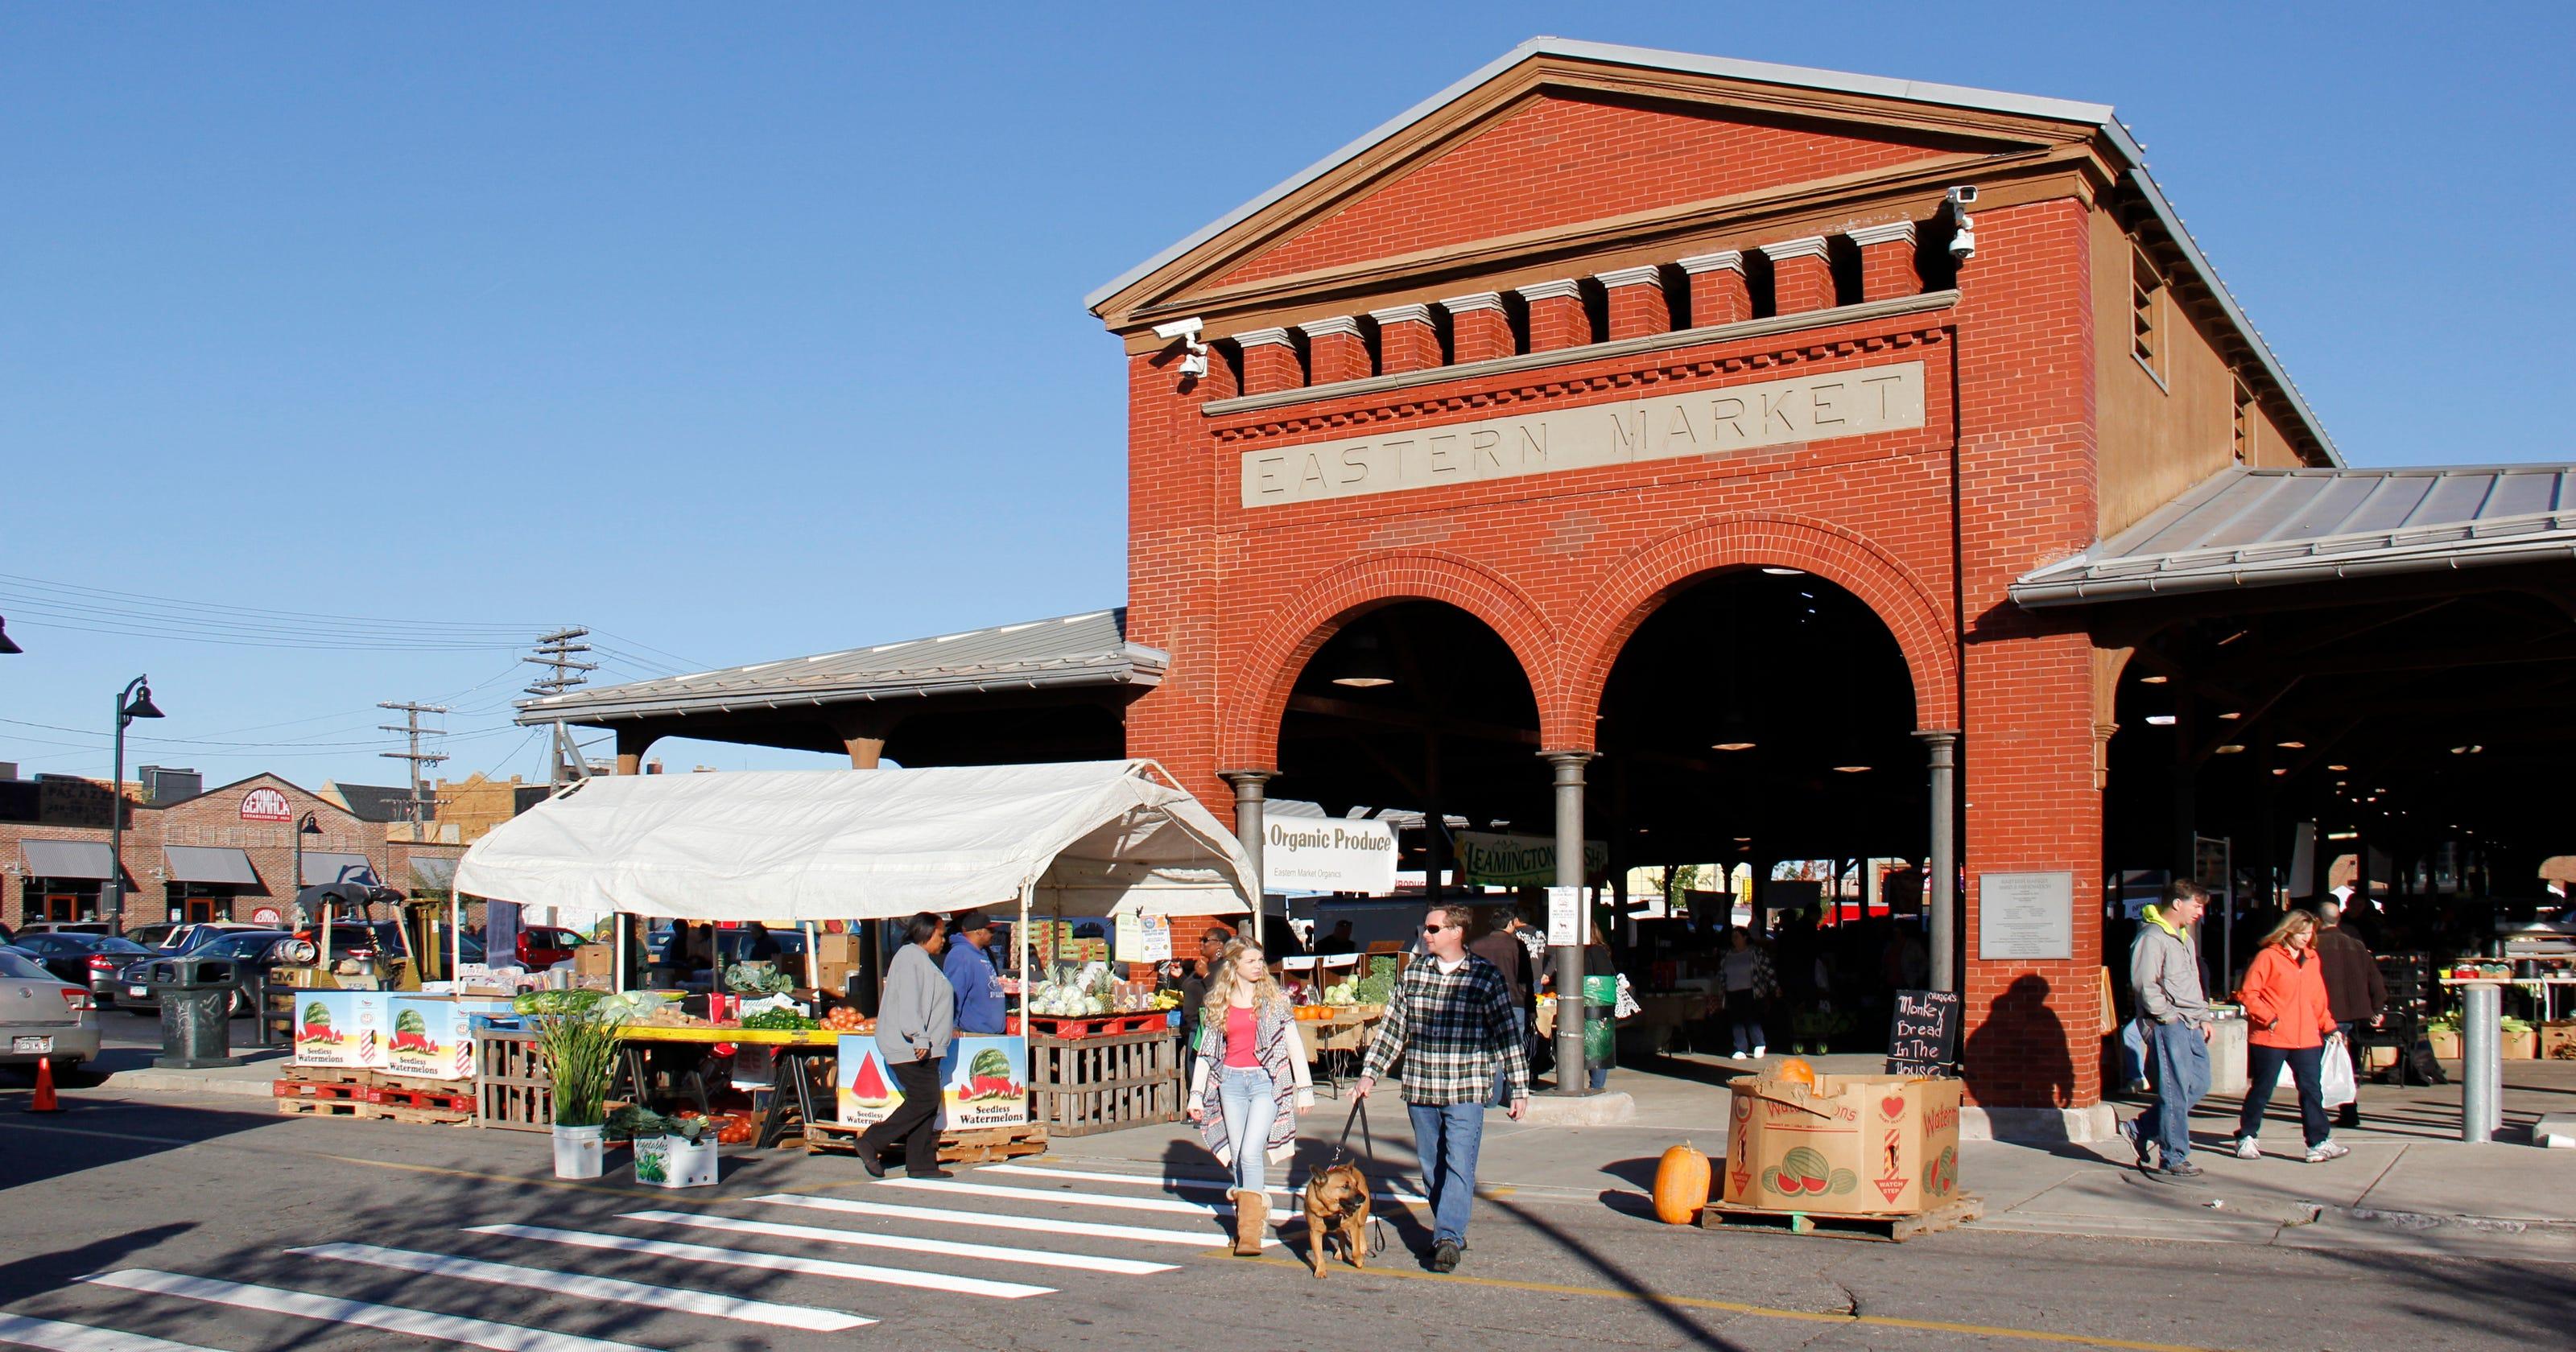 Tour Detroit's historic Eastern Market